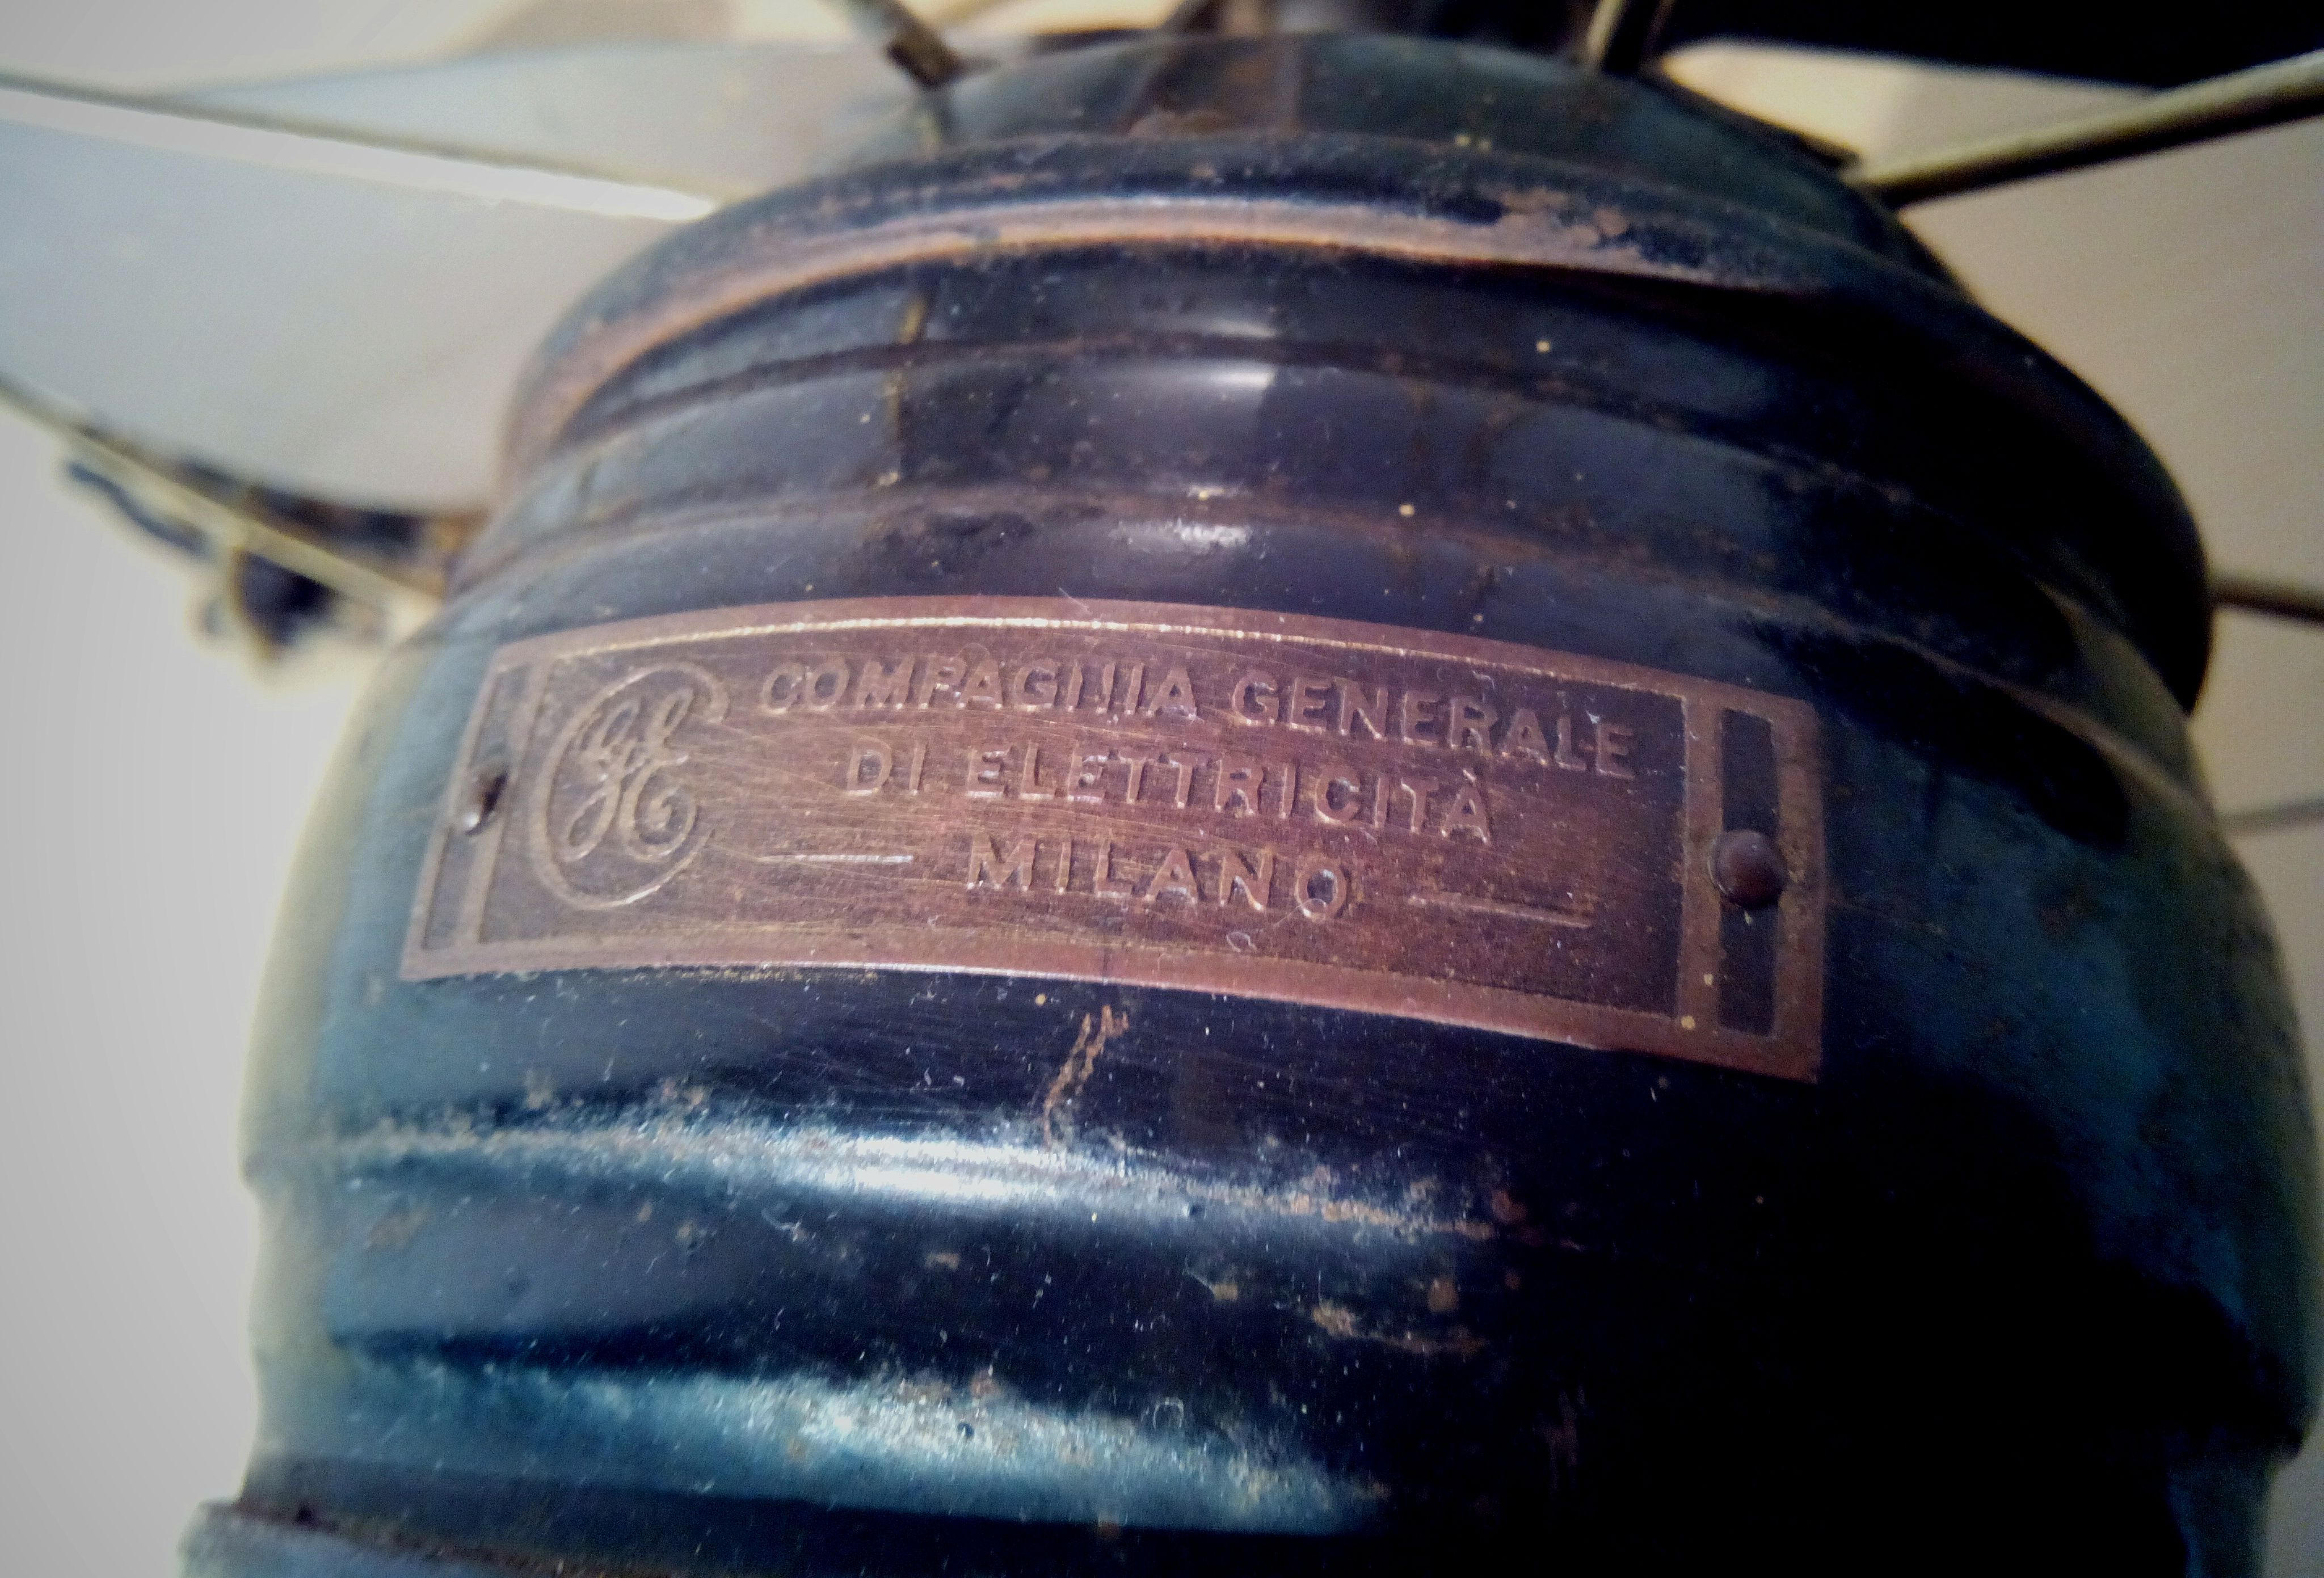 Antico ventilatore COMPAGNIA DI ELETTRICIT° Milano; 1930s